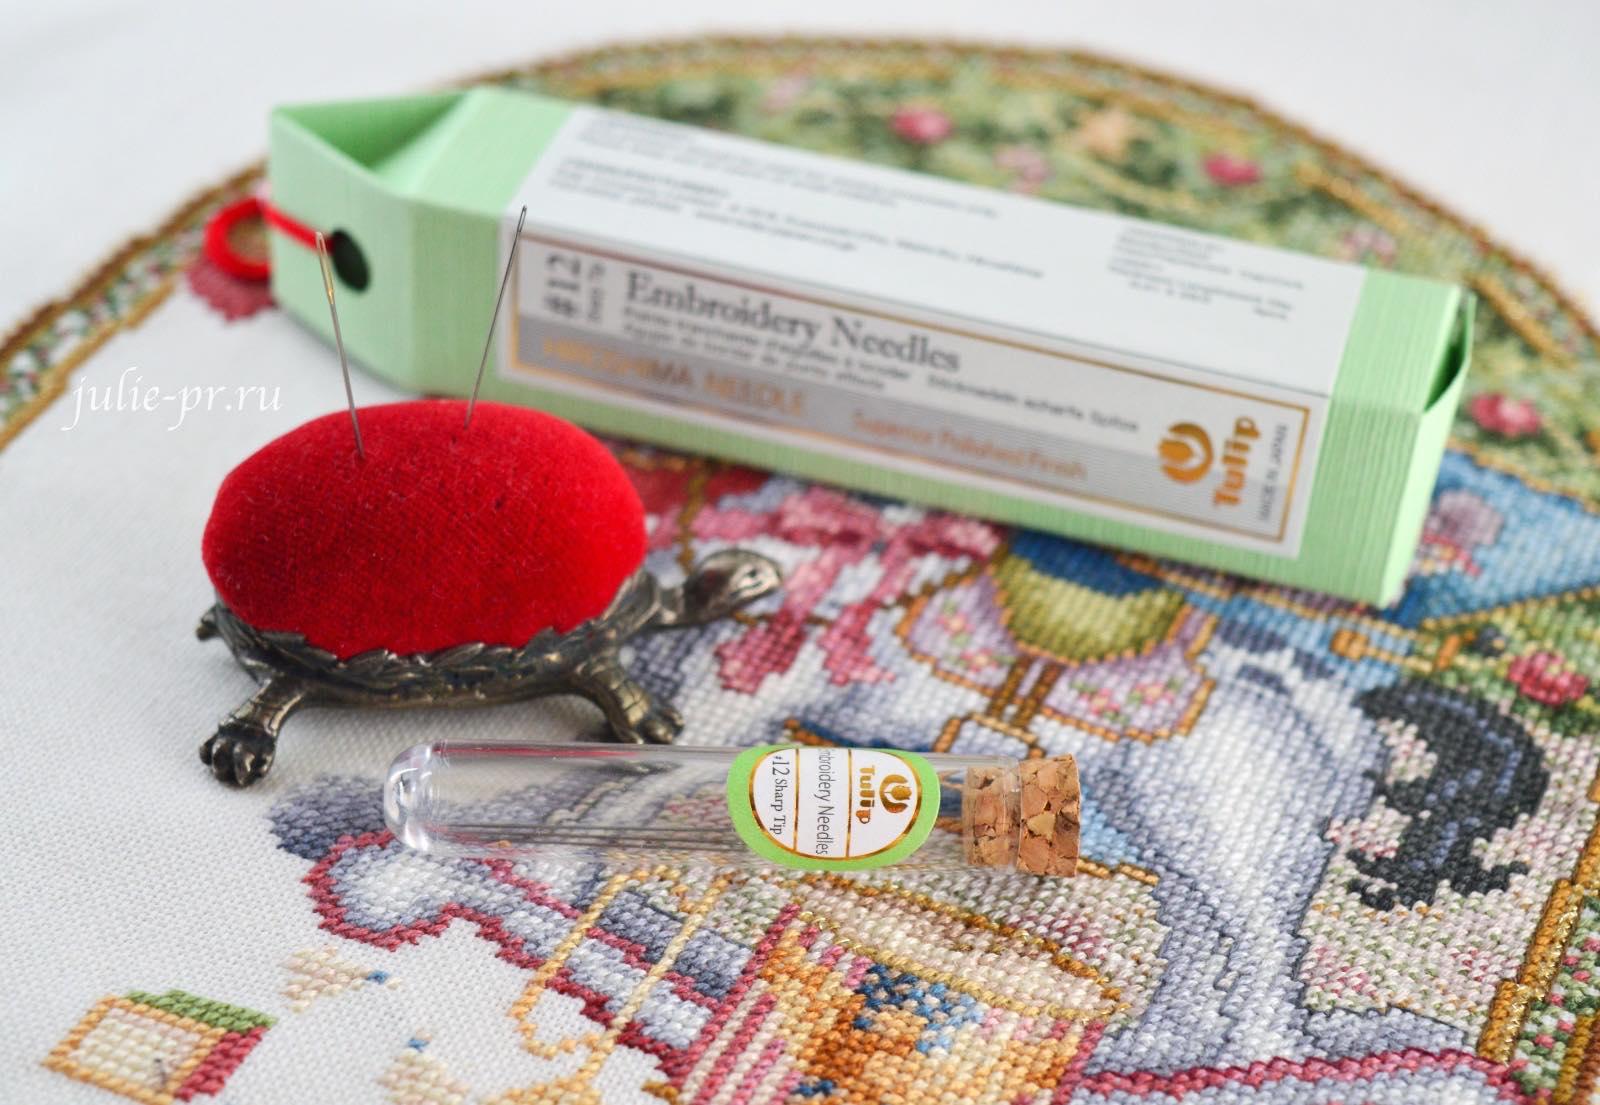 Иглы для вышивания Tulip, Teresa Wentzler - Under the Evergreen, вышивка крестом, Тереза Венцлер